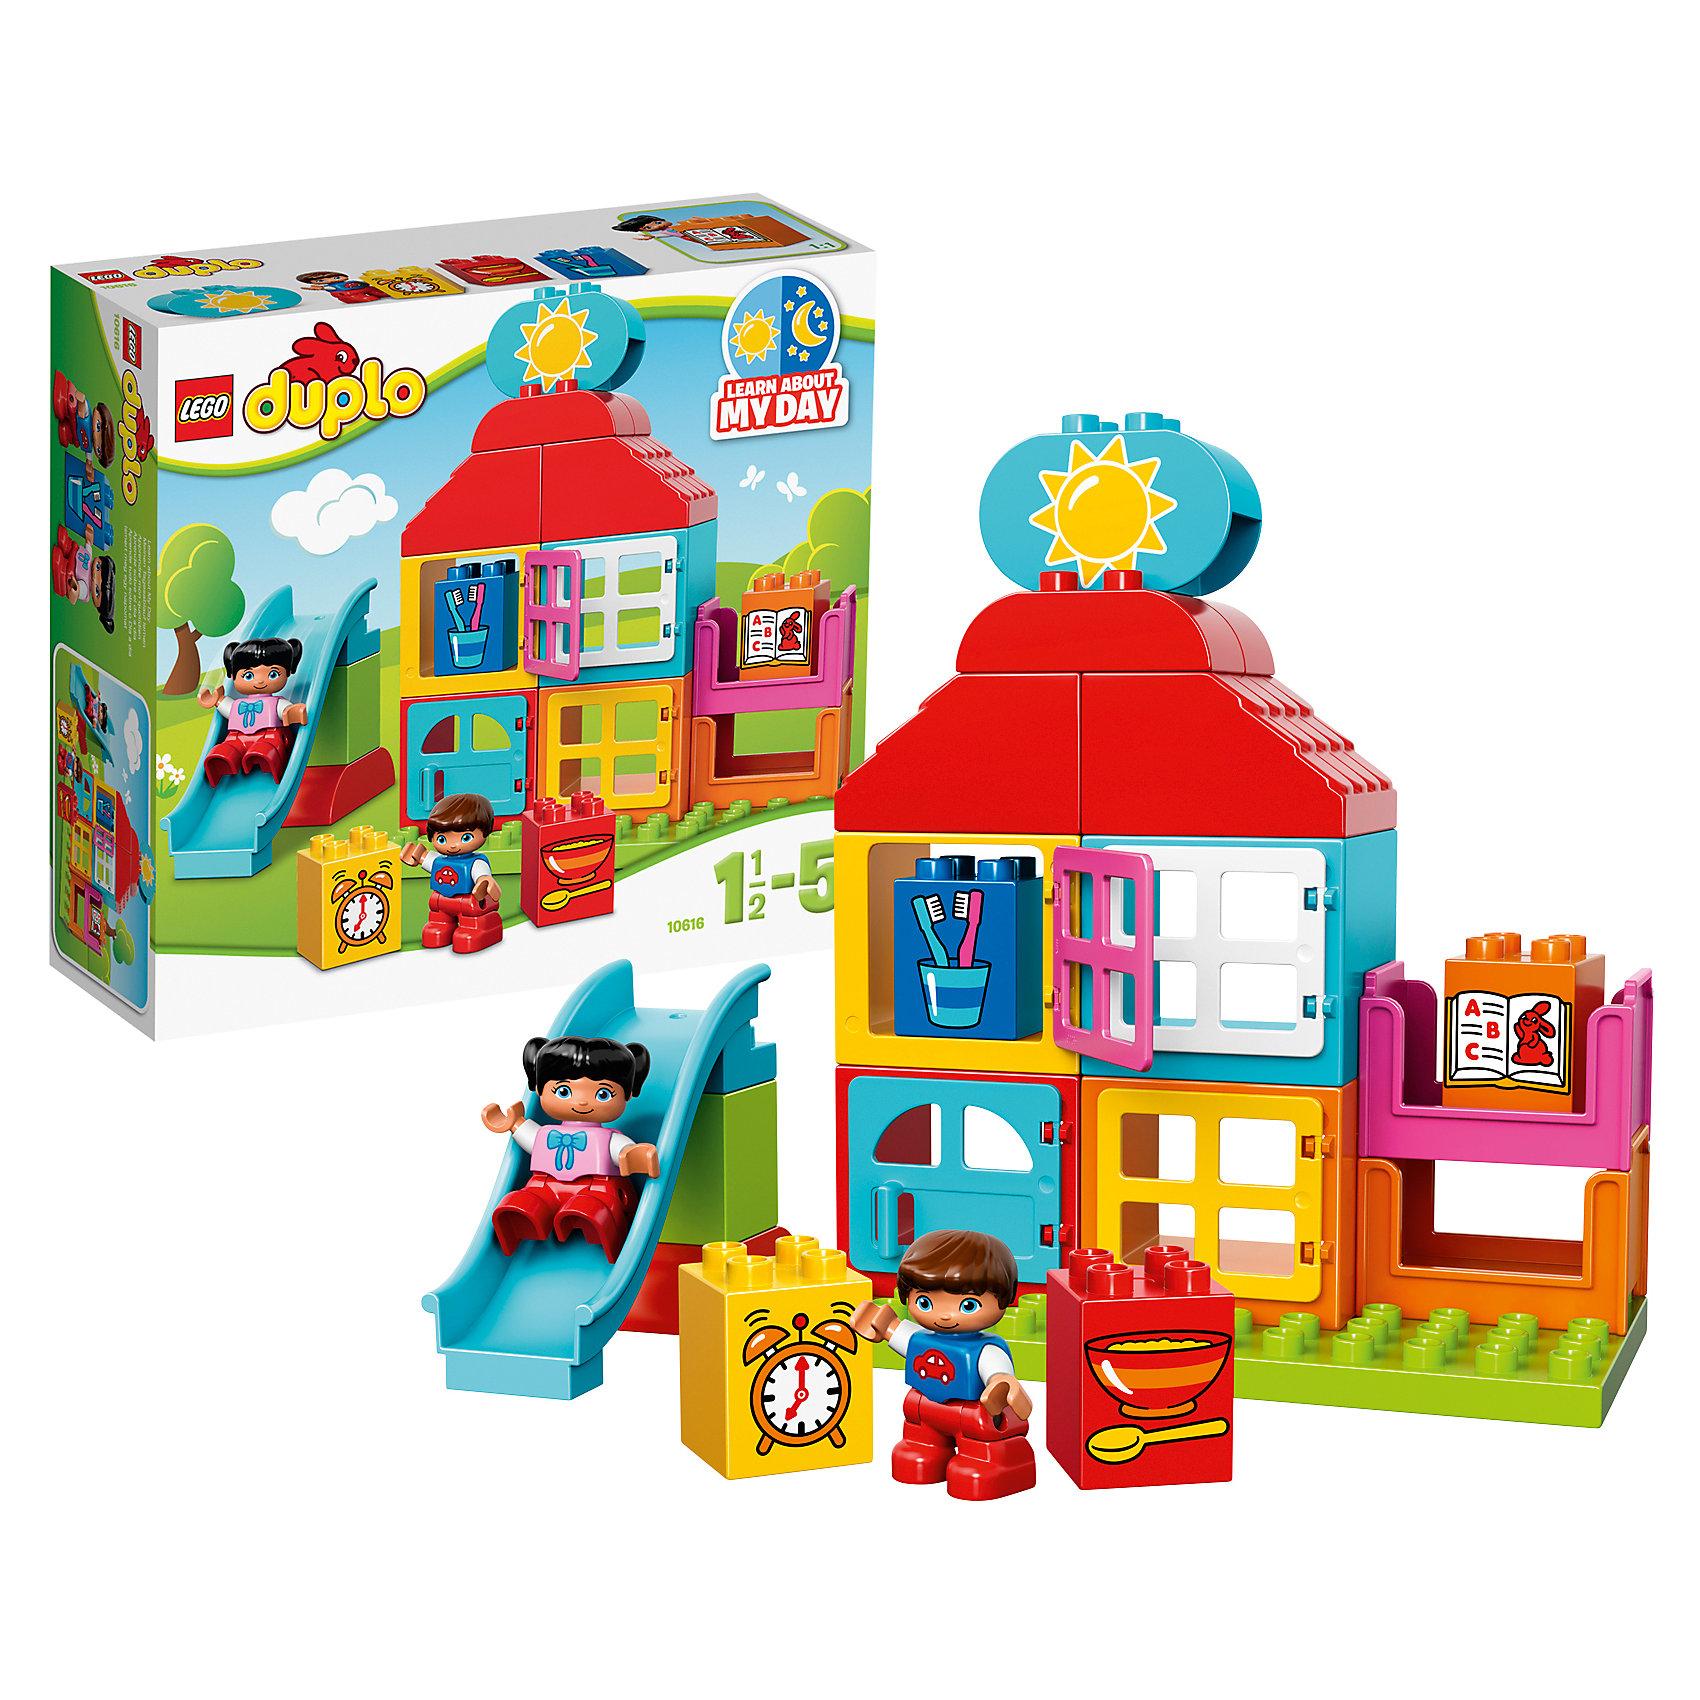 LEGO DUPLO 10616: Мой первый игровой домикПластмассовые конструкторы<br>Приучить ребенка к порядку и познакомить с устройством дома поможет игровой набор LEGO DUPLO (ЛЕГО Дупло) 10616: Мой первый игровой домик. Основой конструкции домика являются прямоугольные разноцветные блоки с открывающимися окошками. Чтобы определиться с назначением комнат (ванная, столовая, кухня, спальня), малыш должен воспользоваться кубиками с рисунками, обозначающими соответствующие помещения. В набор входят 4 таких кубика, а также элемент с изображением солнышка и месяца. Кроме того из деталей набора можно построить горку, которая станет любимым аттракционом для мальчика и девочки, поселившихся в этом кукольном домике.<br><br>Конструкторы LEGO DUPLO (ЛЕГО ДУПЛО), предназначенные для детей дошкольного возраста, сочетают игру и обучение, а также развивают мелкую моторику, пространственное мышление и творческие способности малышей и дошкольников. Кубики LEGO DUPLO (ЛЕГО ДУПЛО) в 8 раз больше, чем обычные кубики, что позволяет ребенку удобно их держать и быстро строить. Большое количество дополнительных элементов делает игровые сюжеты по-настоящему захватывающими и реалистичными. Все наборы ЛЕГО ДУПЛО соответствуют самым высоким европейским стандартам качества и абсолютно безопасны. <br><br>Дополнительная информация:<br>-Размер упаковки: 28,2x26,2x9,5 см<br>-Размеры игрового домика: 22 х 19 х 9 см<br>-Размеры горки: 9 х 4 х 13 см<br>-Вес: 0,60 кг<br>-Деталей: 25 шт.<br>-Материал: пластик<br>-Весь набор упакован в фирменную картонную коробку ЛЕГО<br><br>LEGO DUPLO (ЛЕГО Дупло) 10616: Мой первый игровой домик можно купить в нашем магазине.<br><br>Ширина мм: 263<br>Глубина мм: 284<br>Высота мм: 99<br>Вес г: 599<br>Возраст от месяцев: 18<br>Возраст до месяцев: 60<br>Пол: Унисекс<br>Возраст: Детский<br>SKU: 3786049